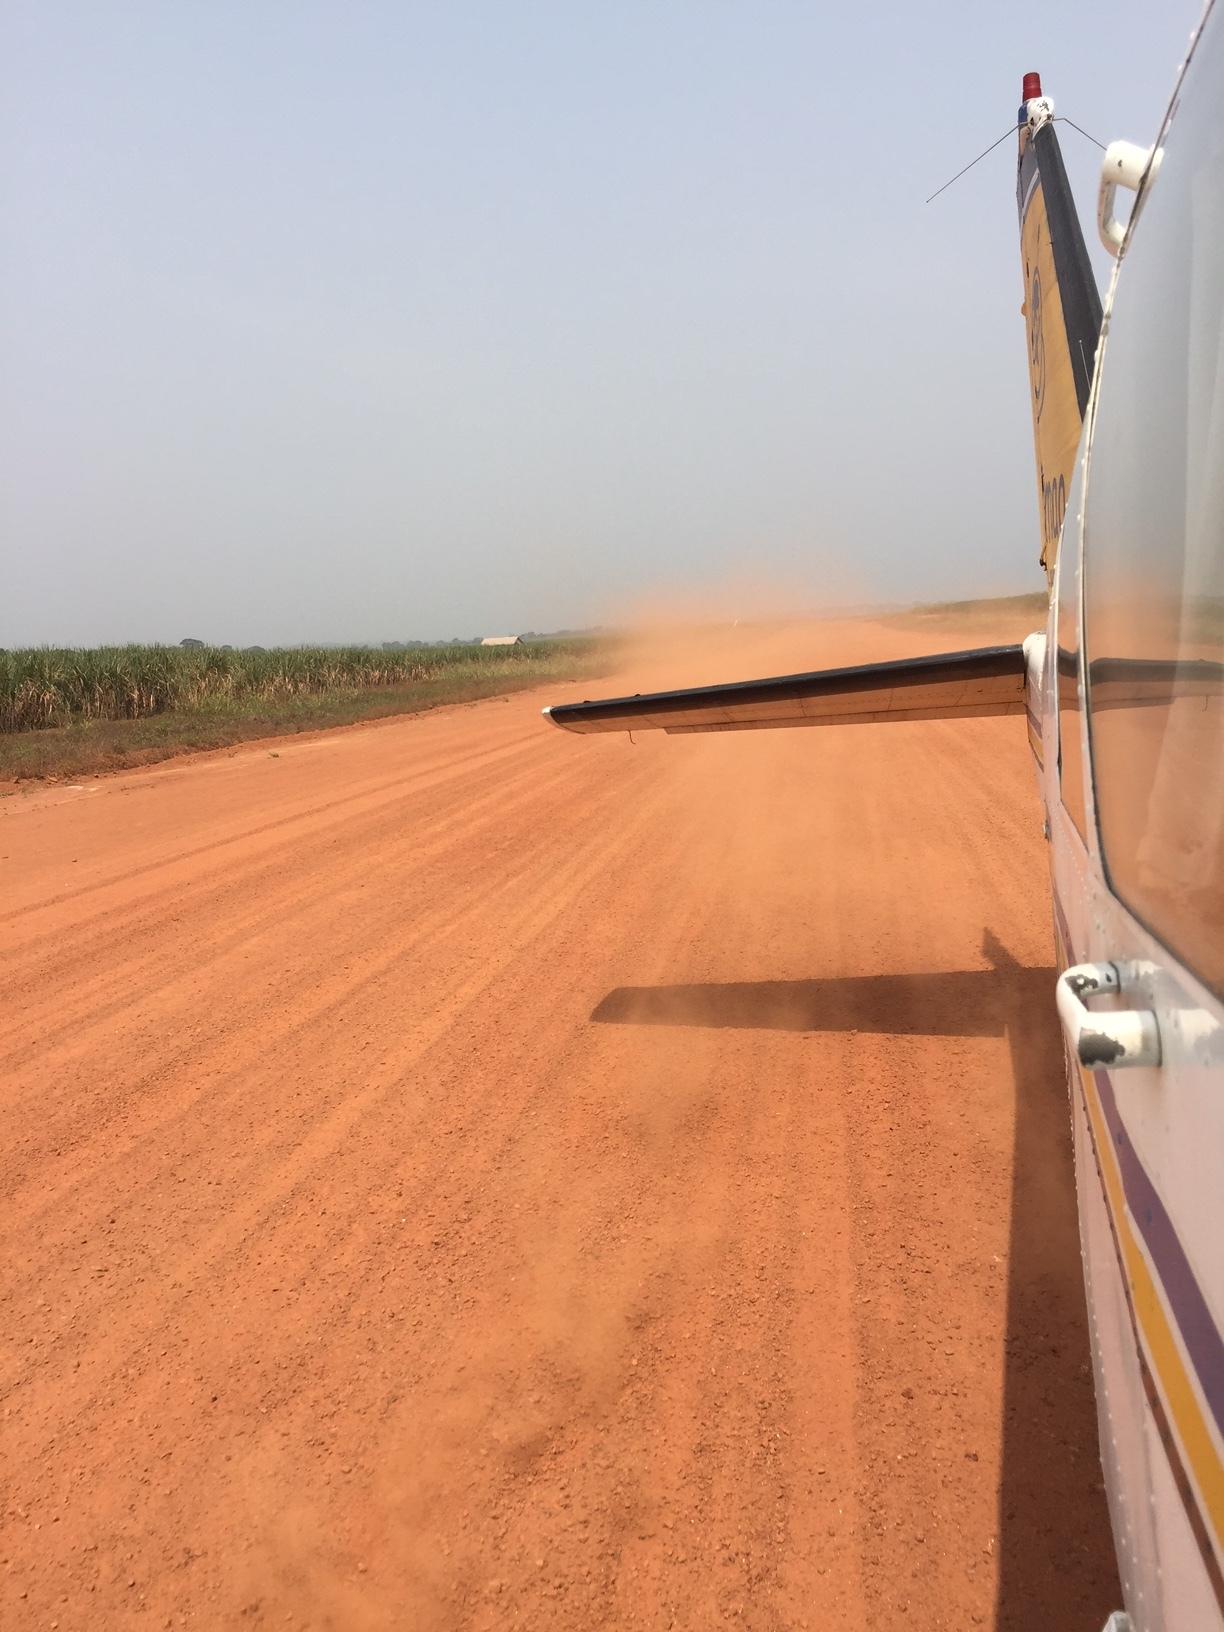 Runway in Cameroon